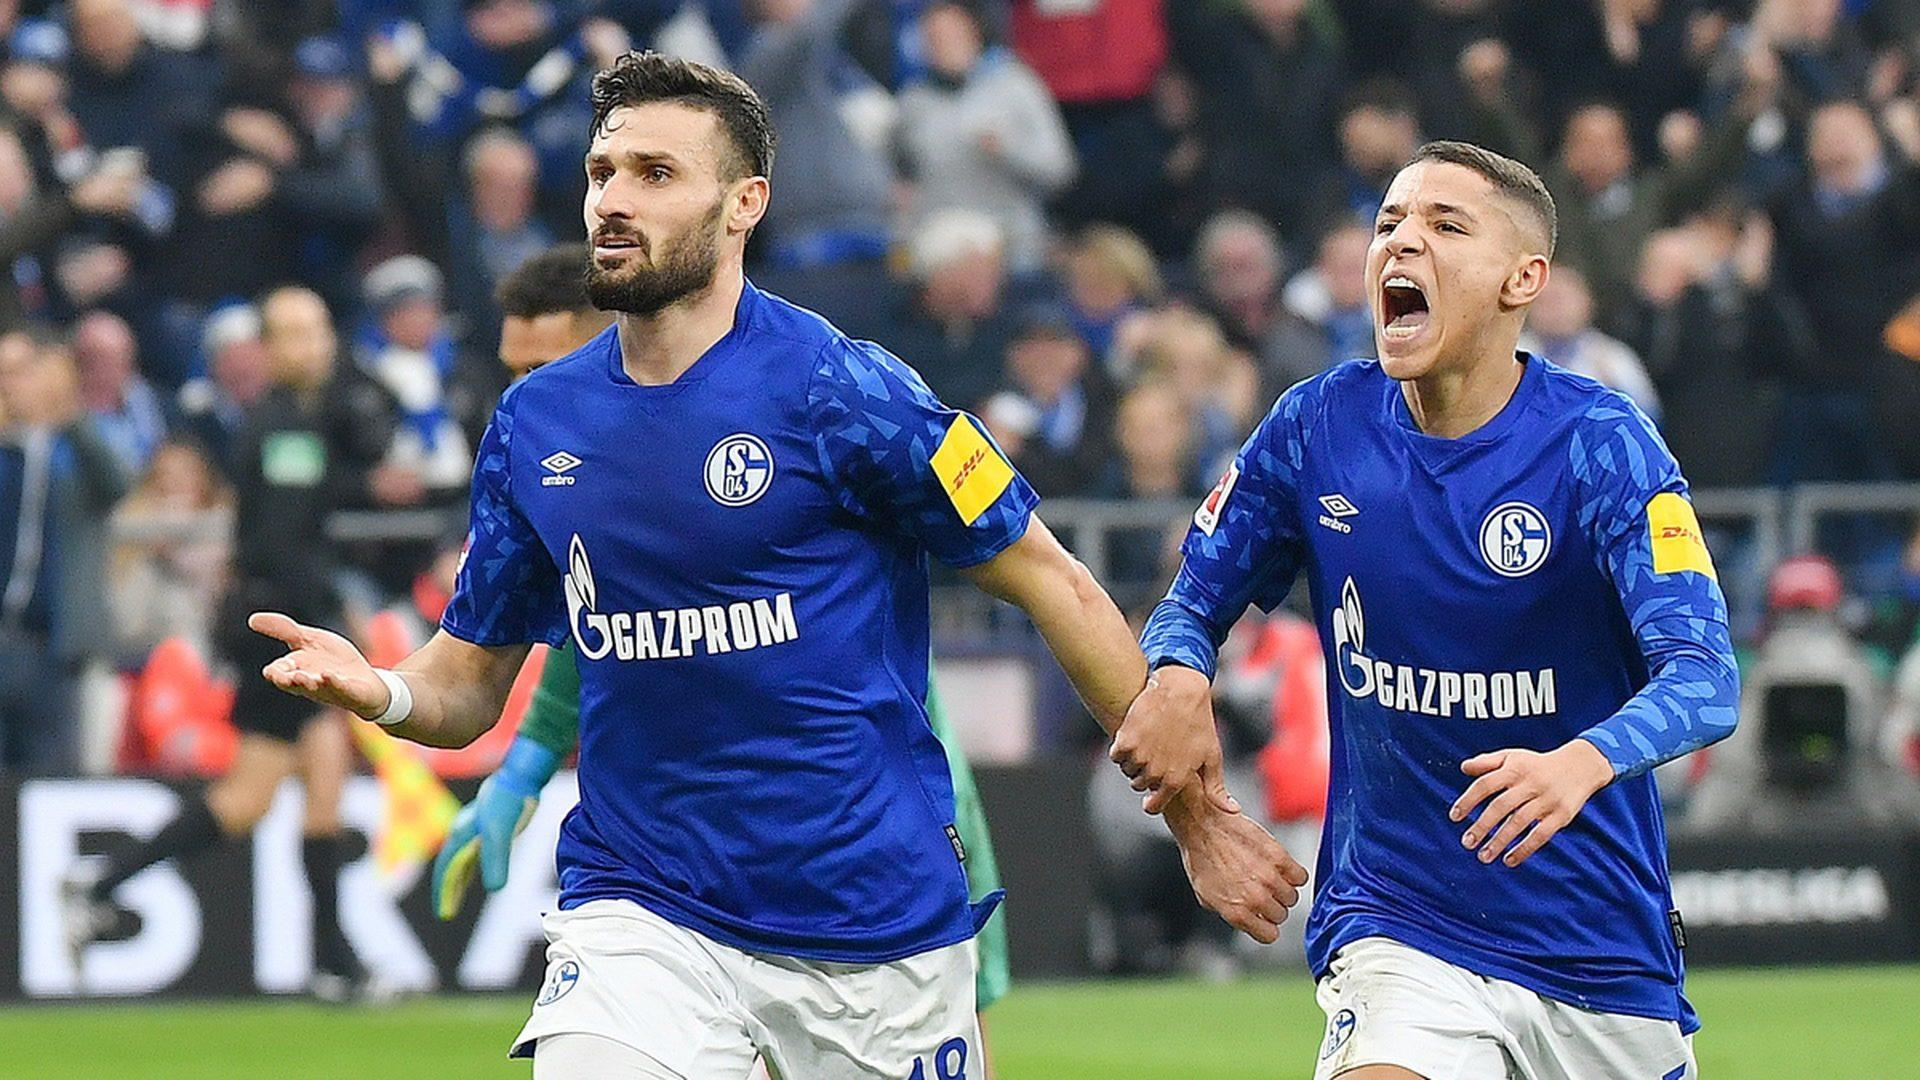 Das neue Wir-Gefühl beim FC Schalke 04